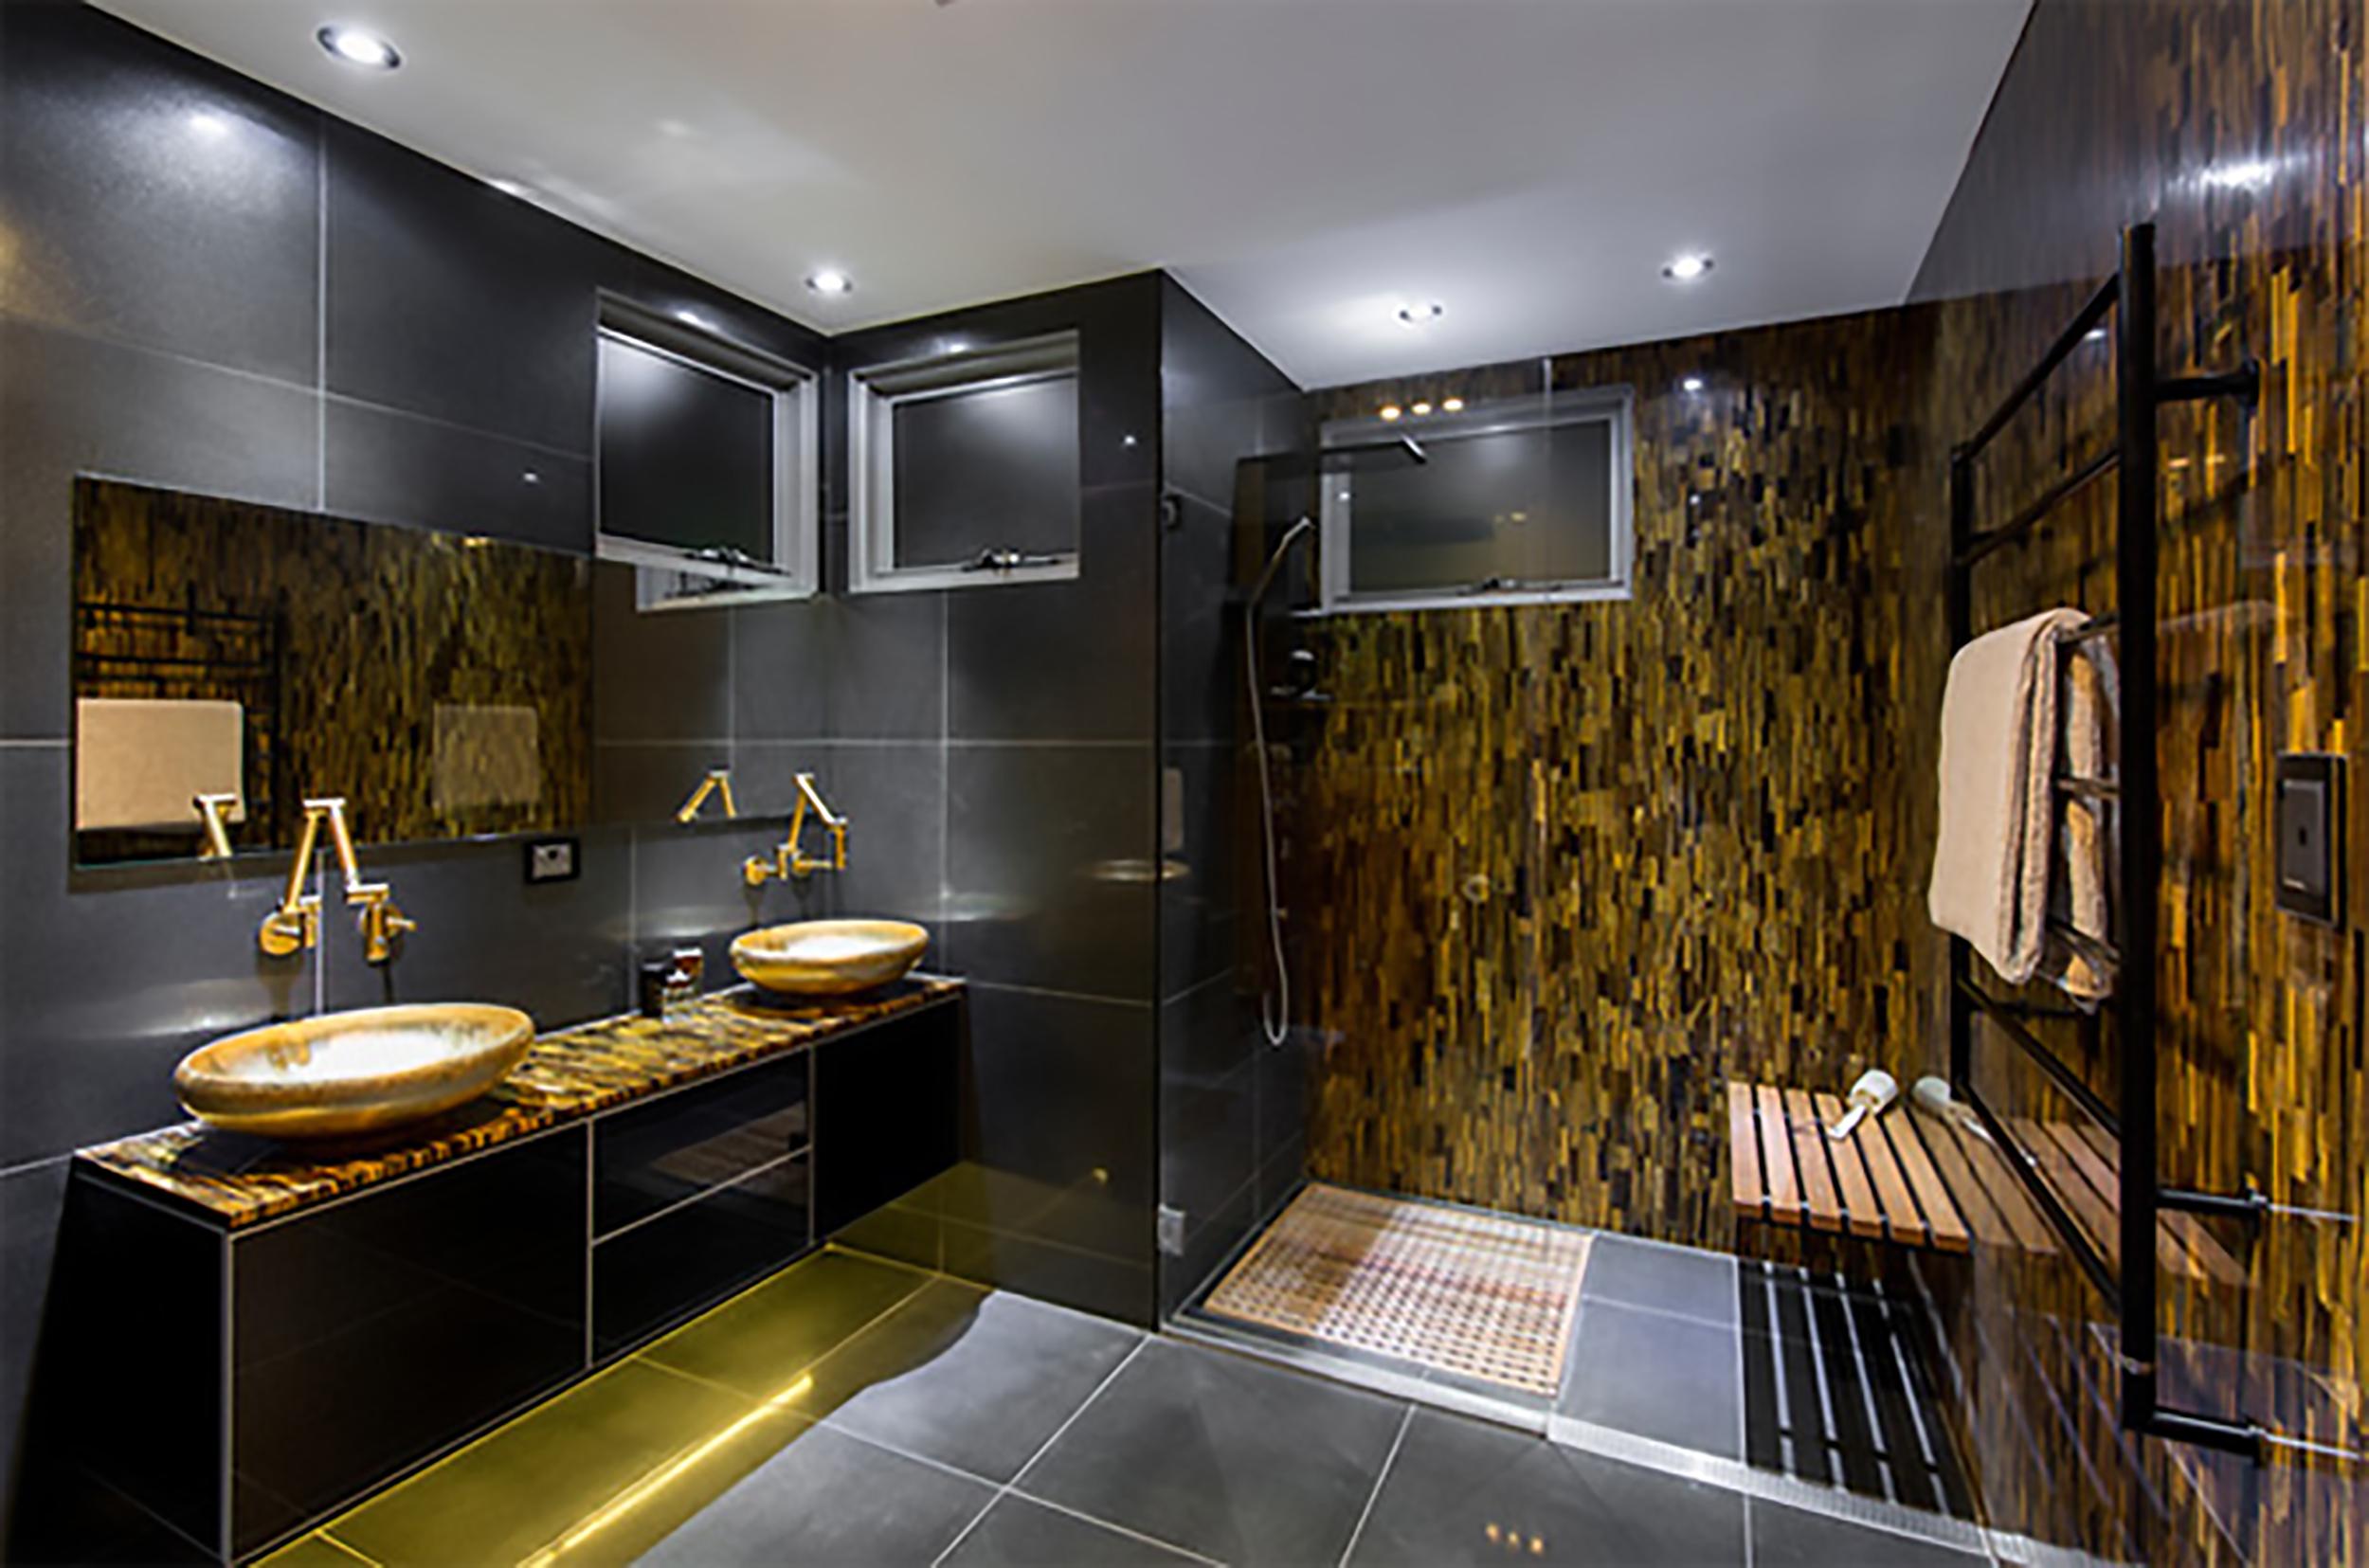 phòng tắm mang tông màu trầm